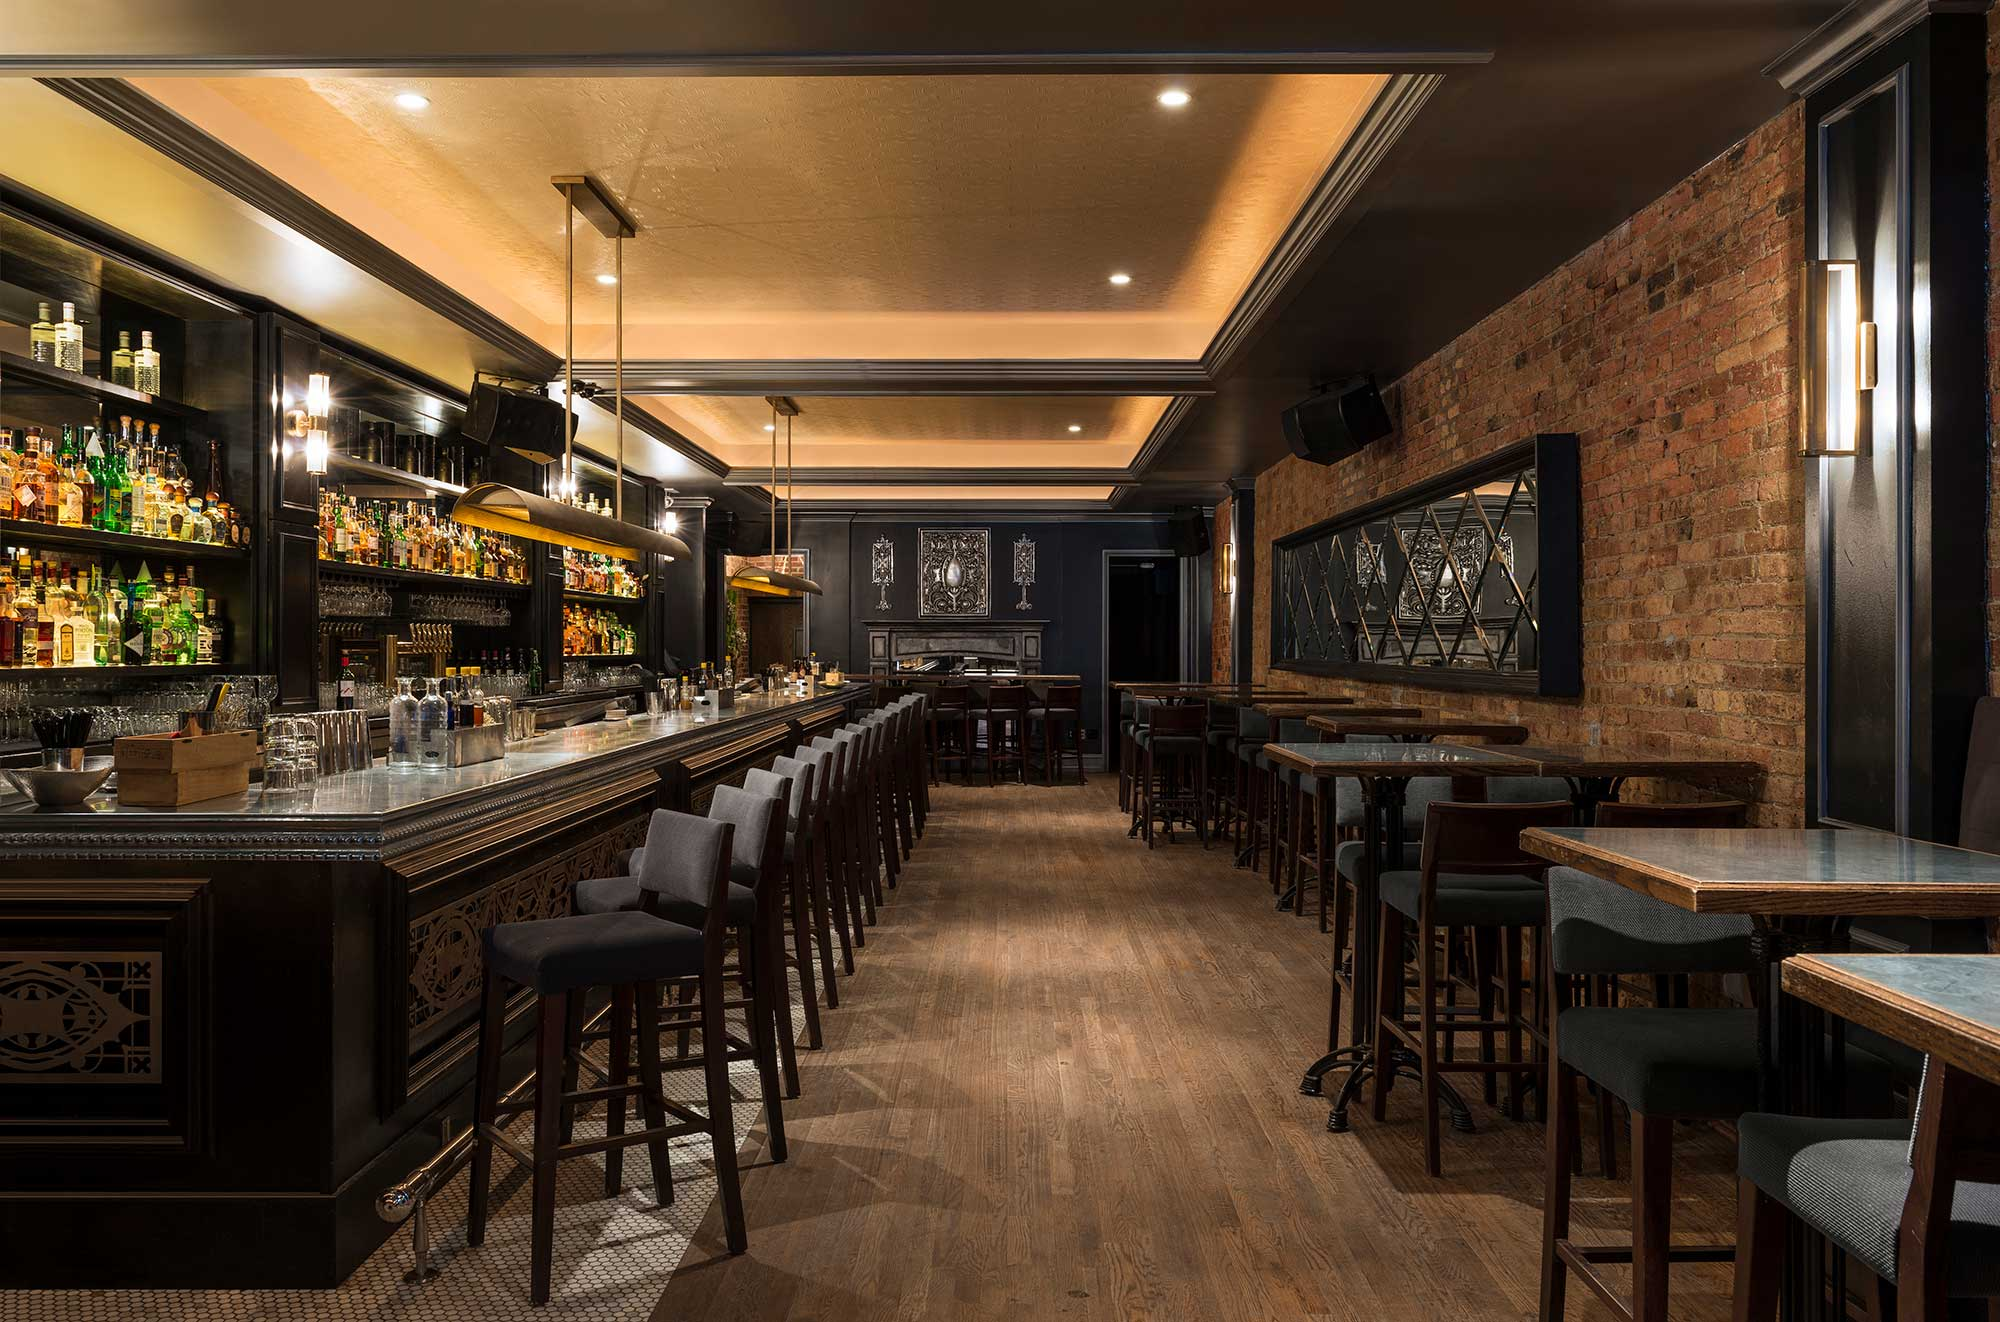 commercial restaurant lighting. ss2c soft strip 25w commercial 24v by edge lighting a restaurant s